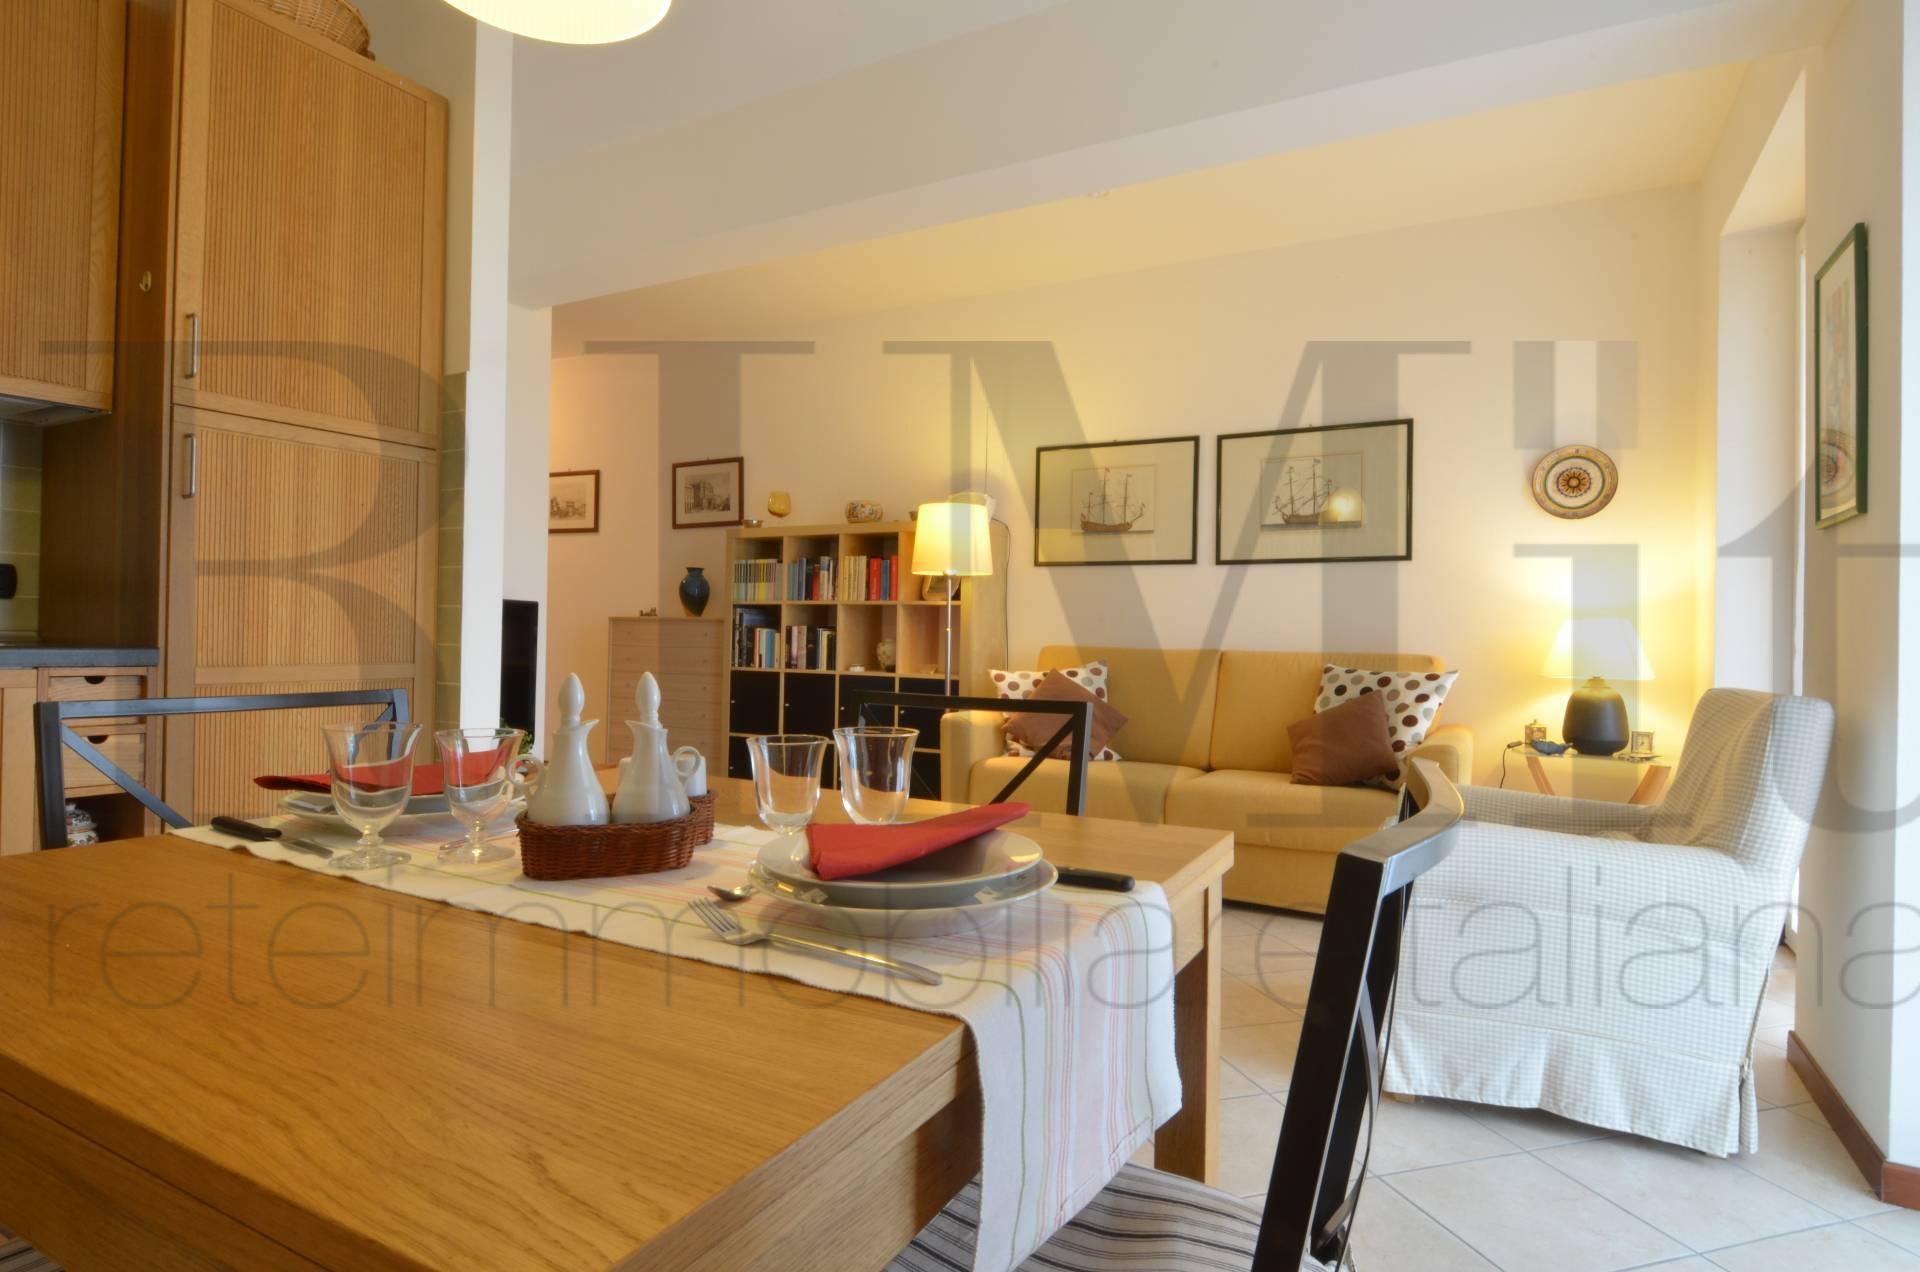 Appartamento in vendita a Moneglia, 2 locali, zona Località: Tessi, prezzo € 150.000 | Cambio Casa.it